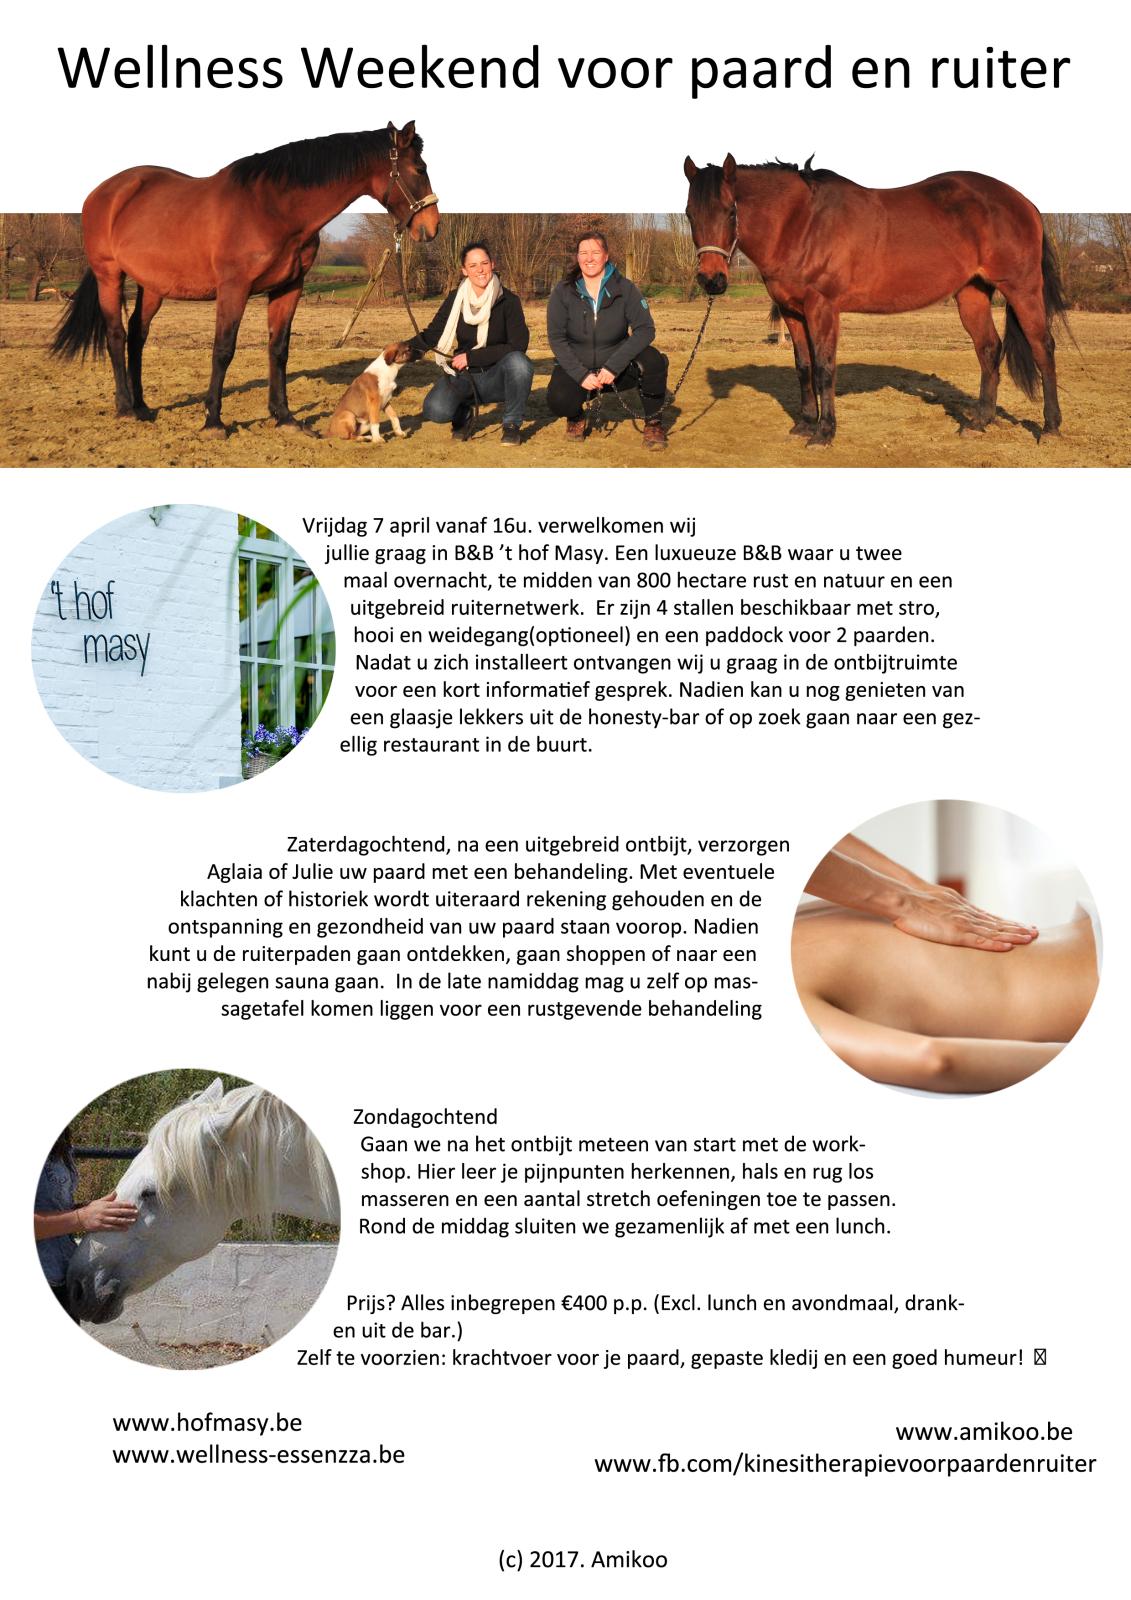 Wellnessweekend voor paard en ruiter